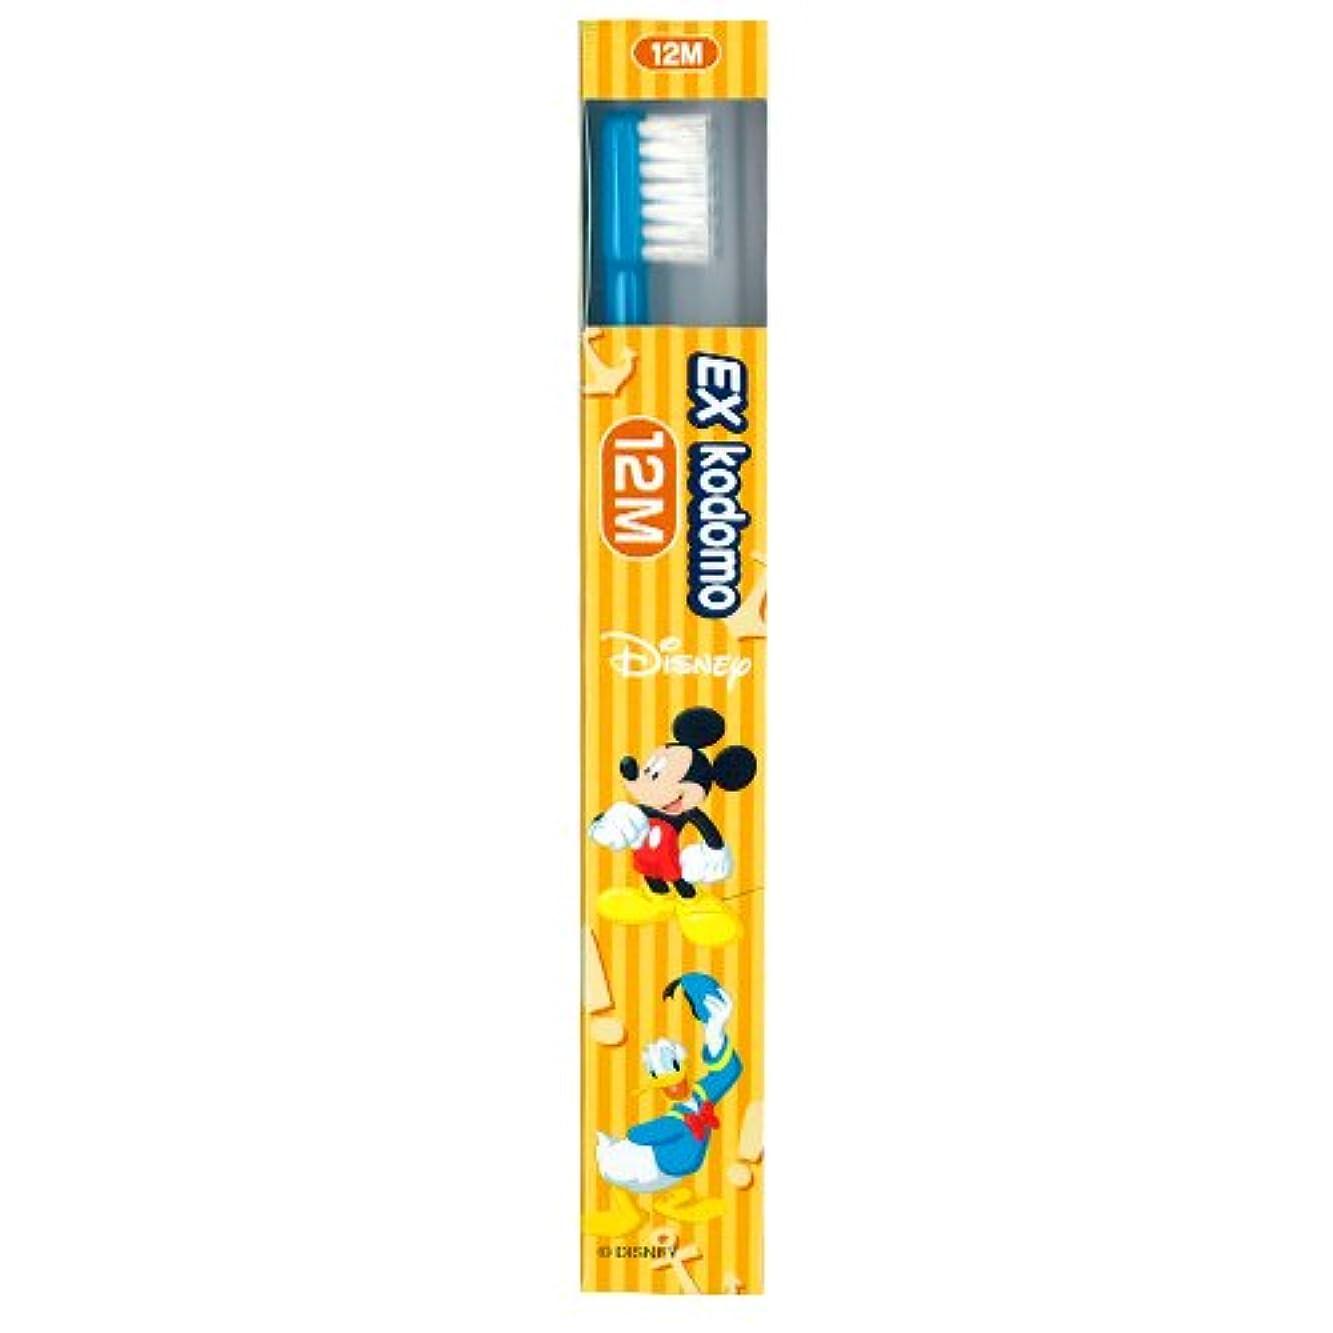 受益者寸前ドライブライオン EX kodomo ディズニー 歯ブラシ 1本 12M ブルー